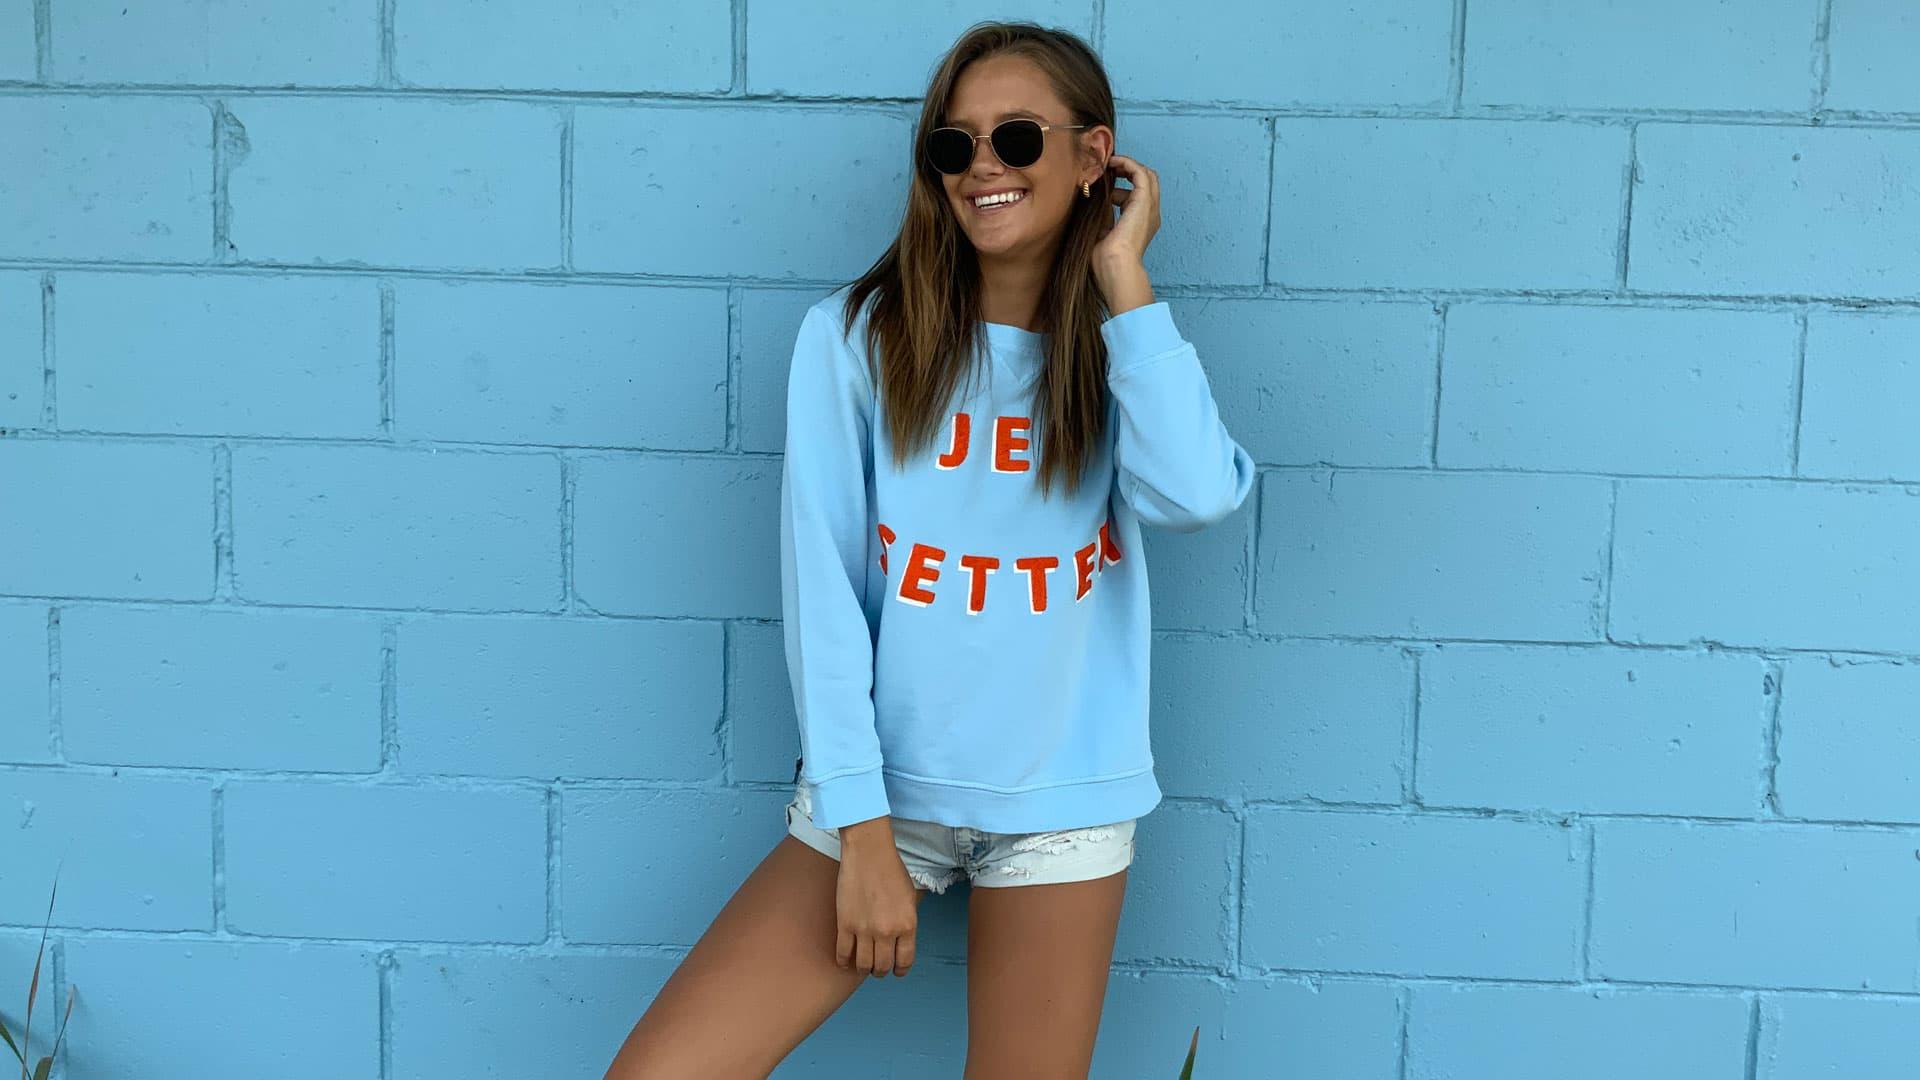 Jet Setter Sweater